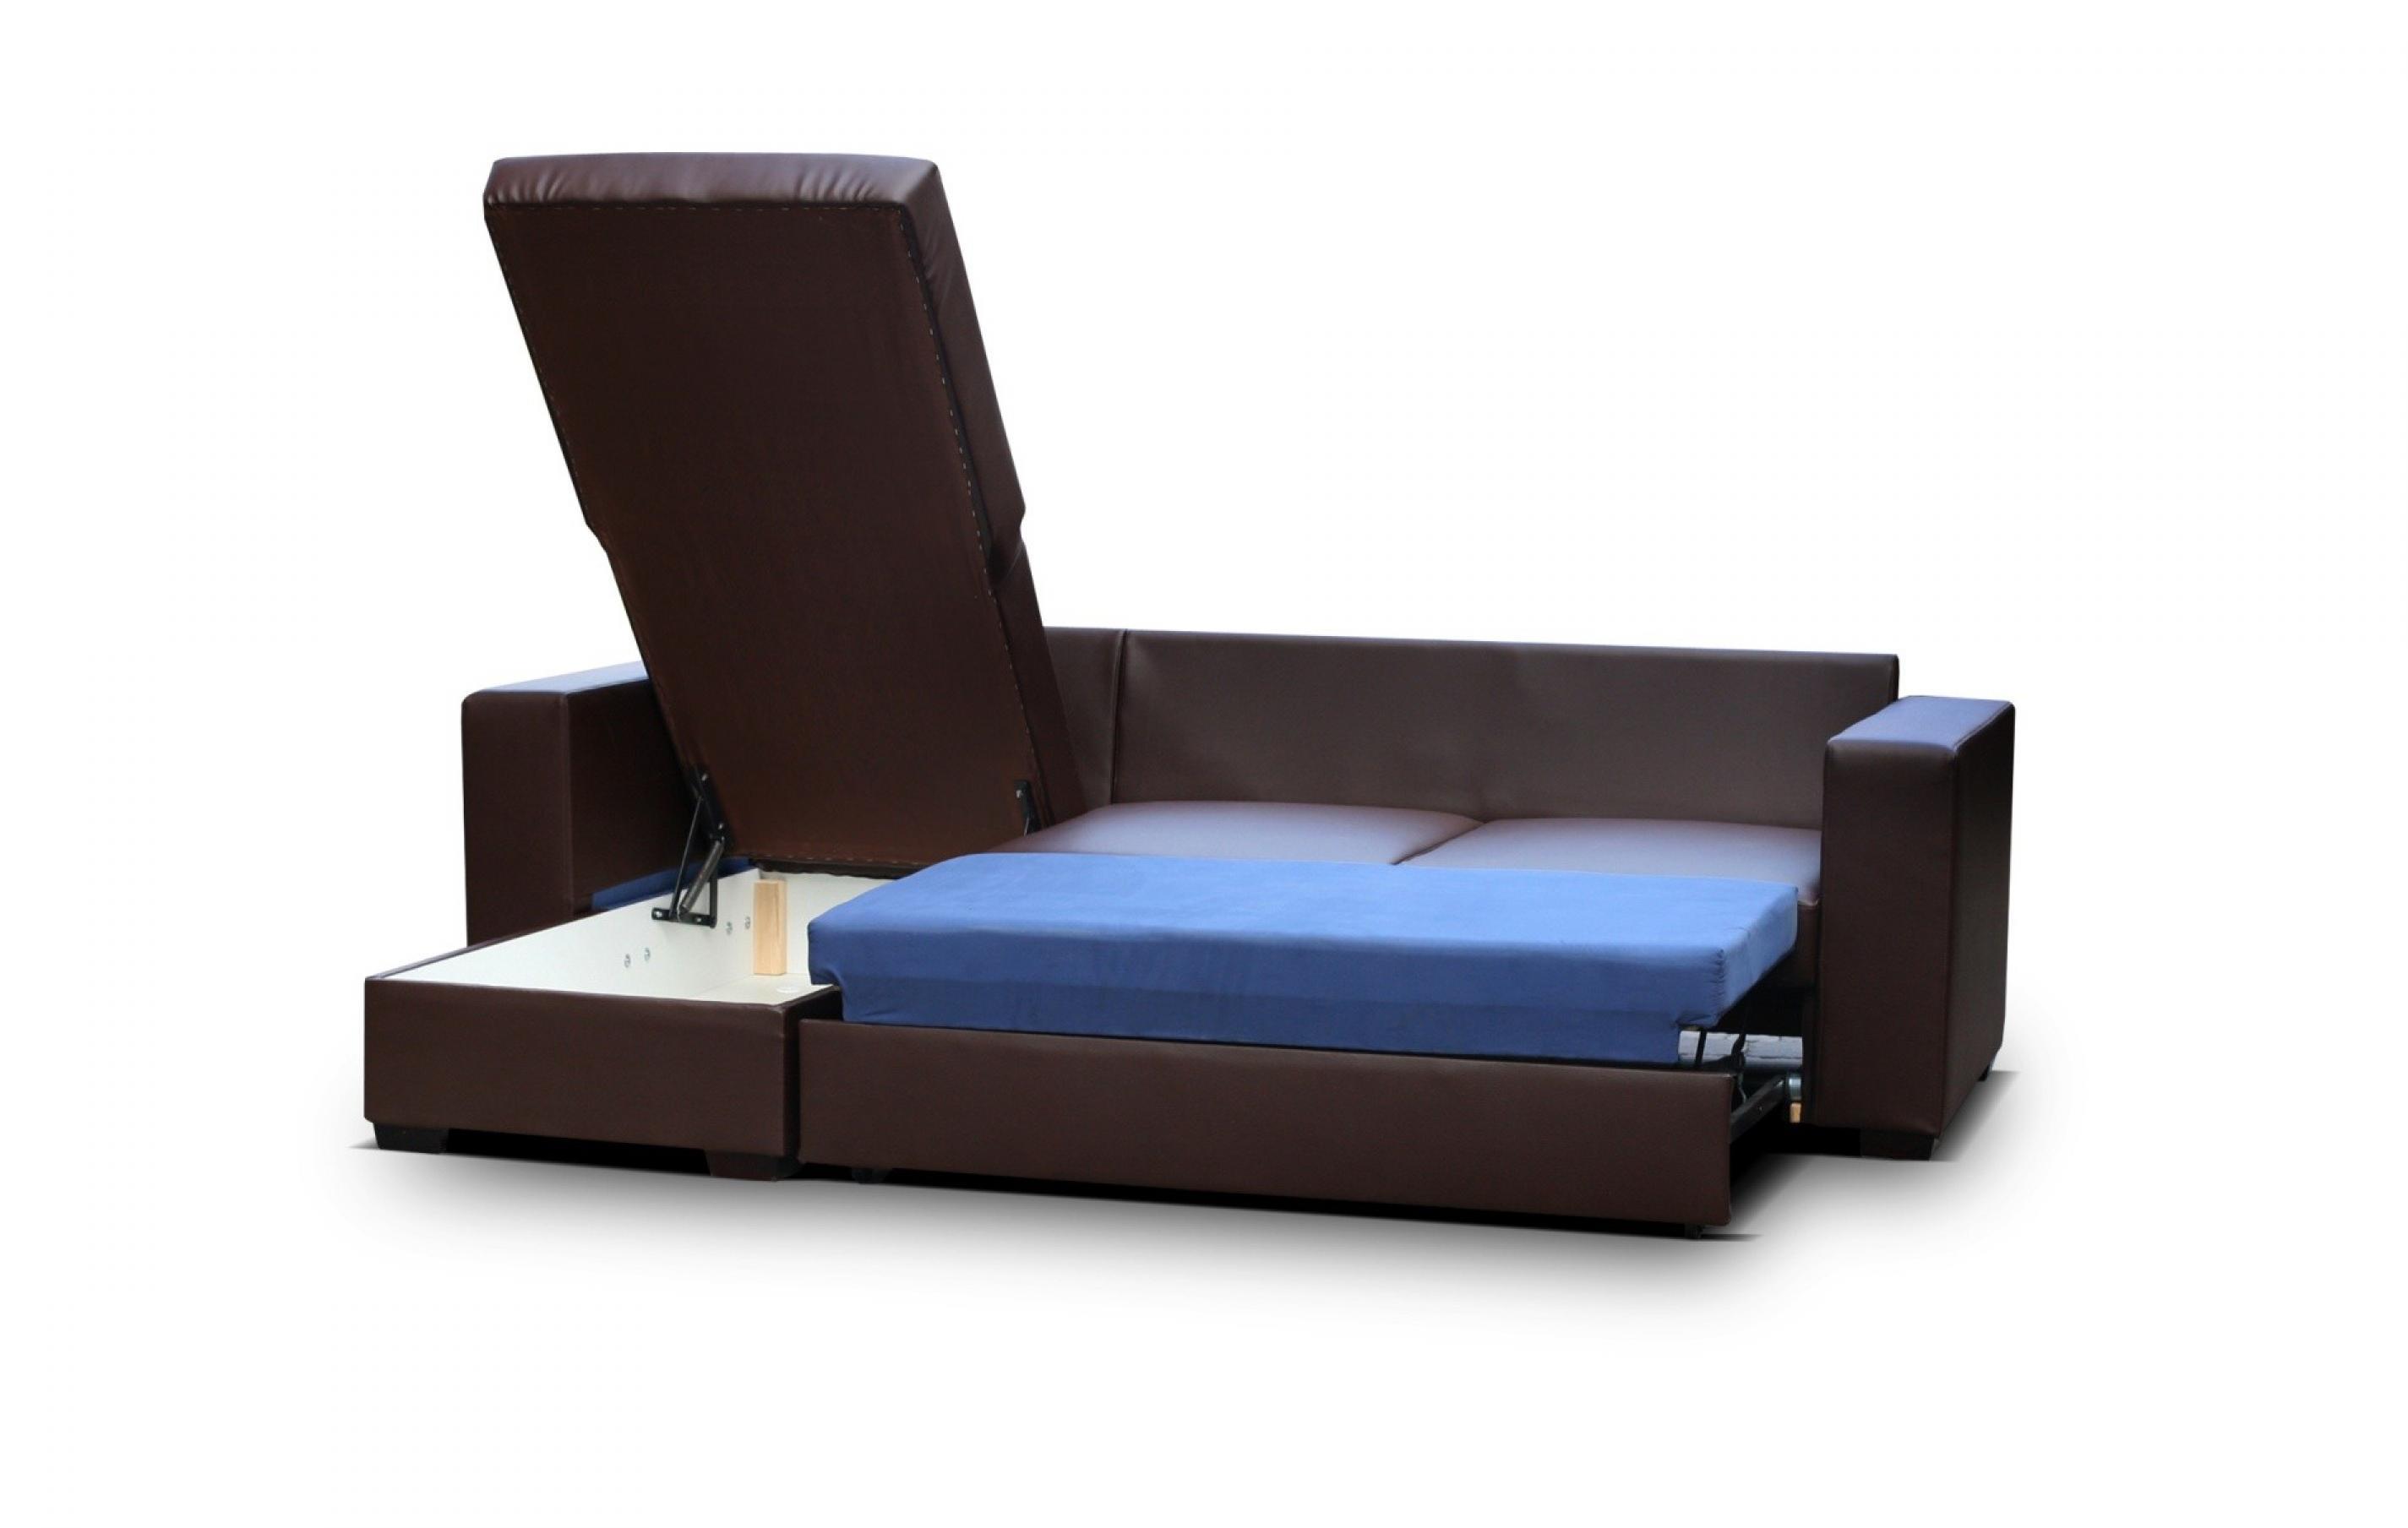 petit canape lit pas cher hoze home. Black Bedroom Furniture Sets. Home Design Ideas